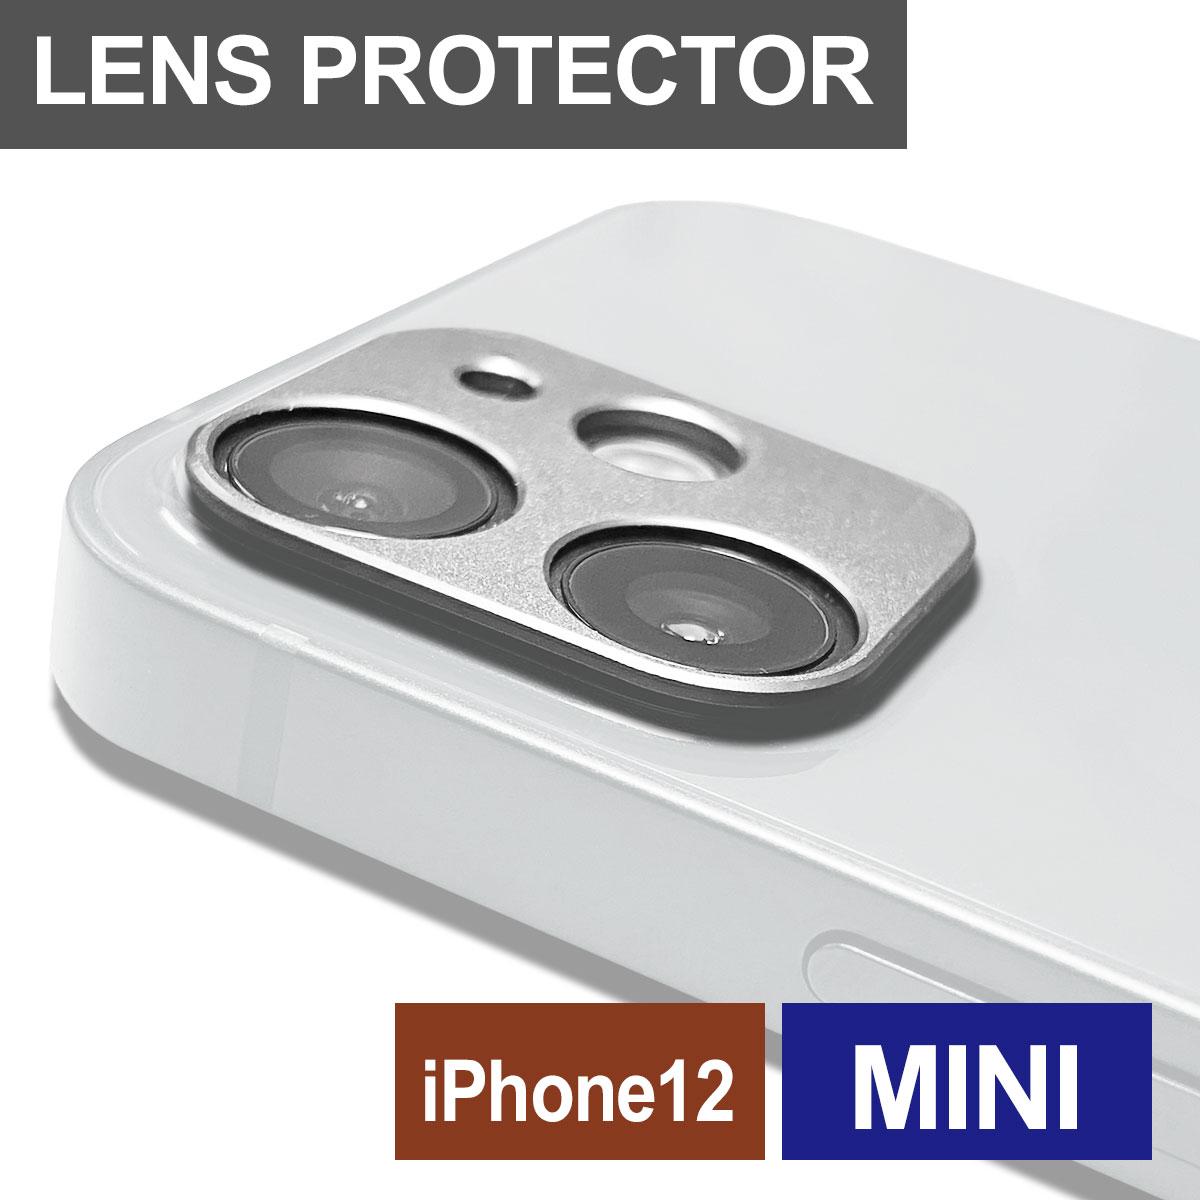 iPhone12レンズプロテクターのシルバー